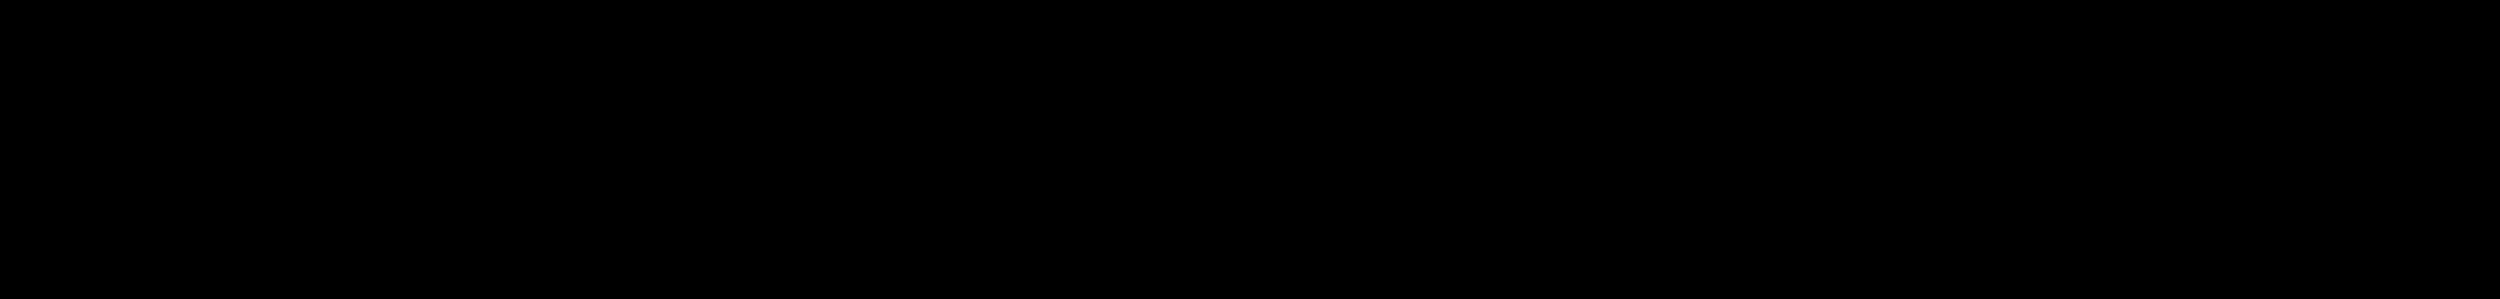 d180-26.png